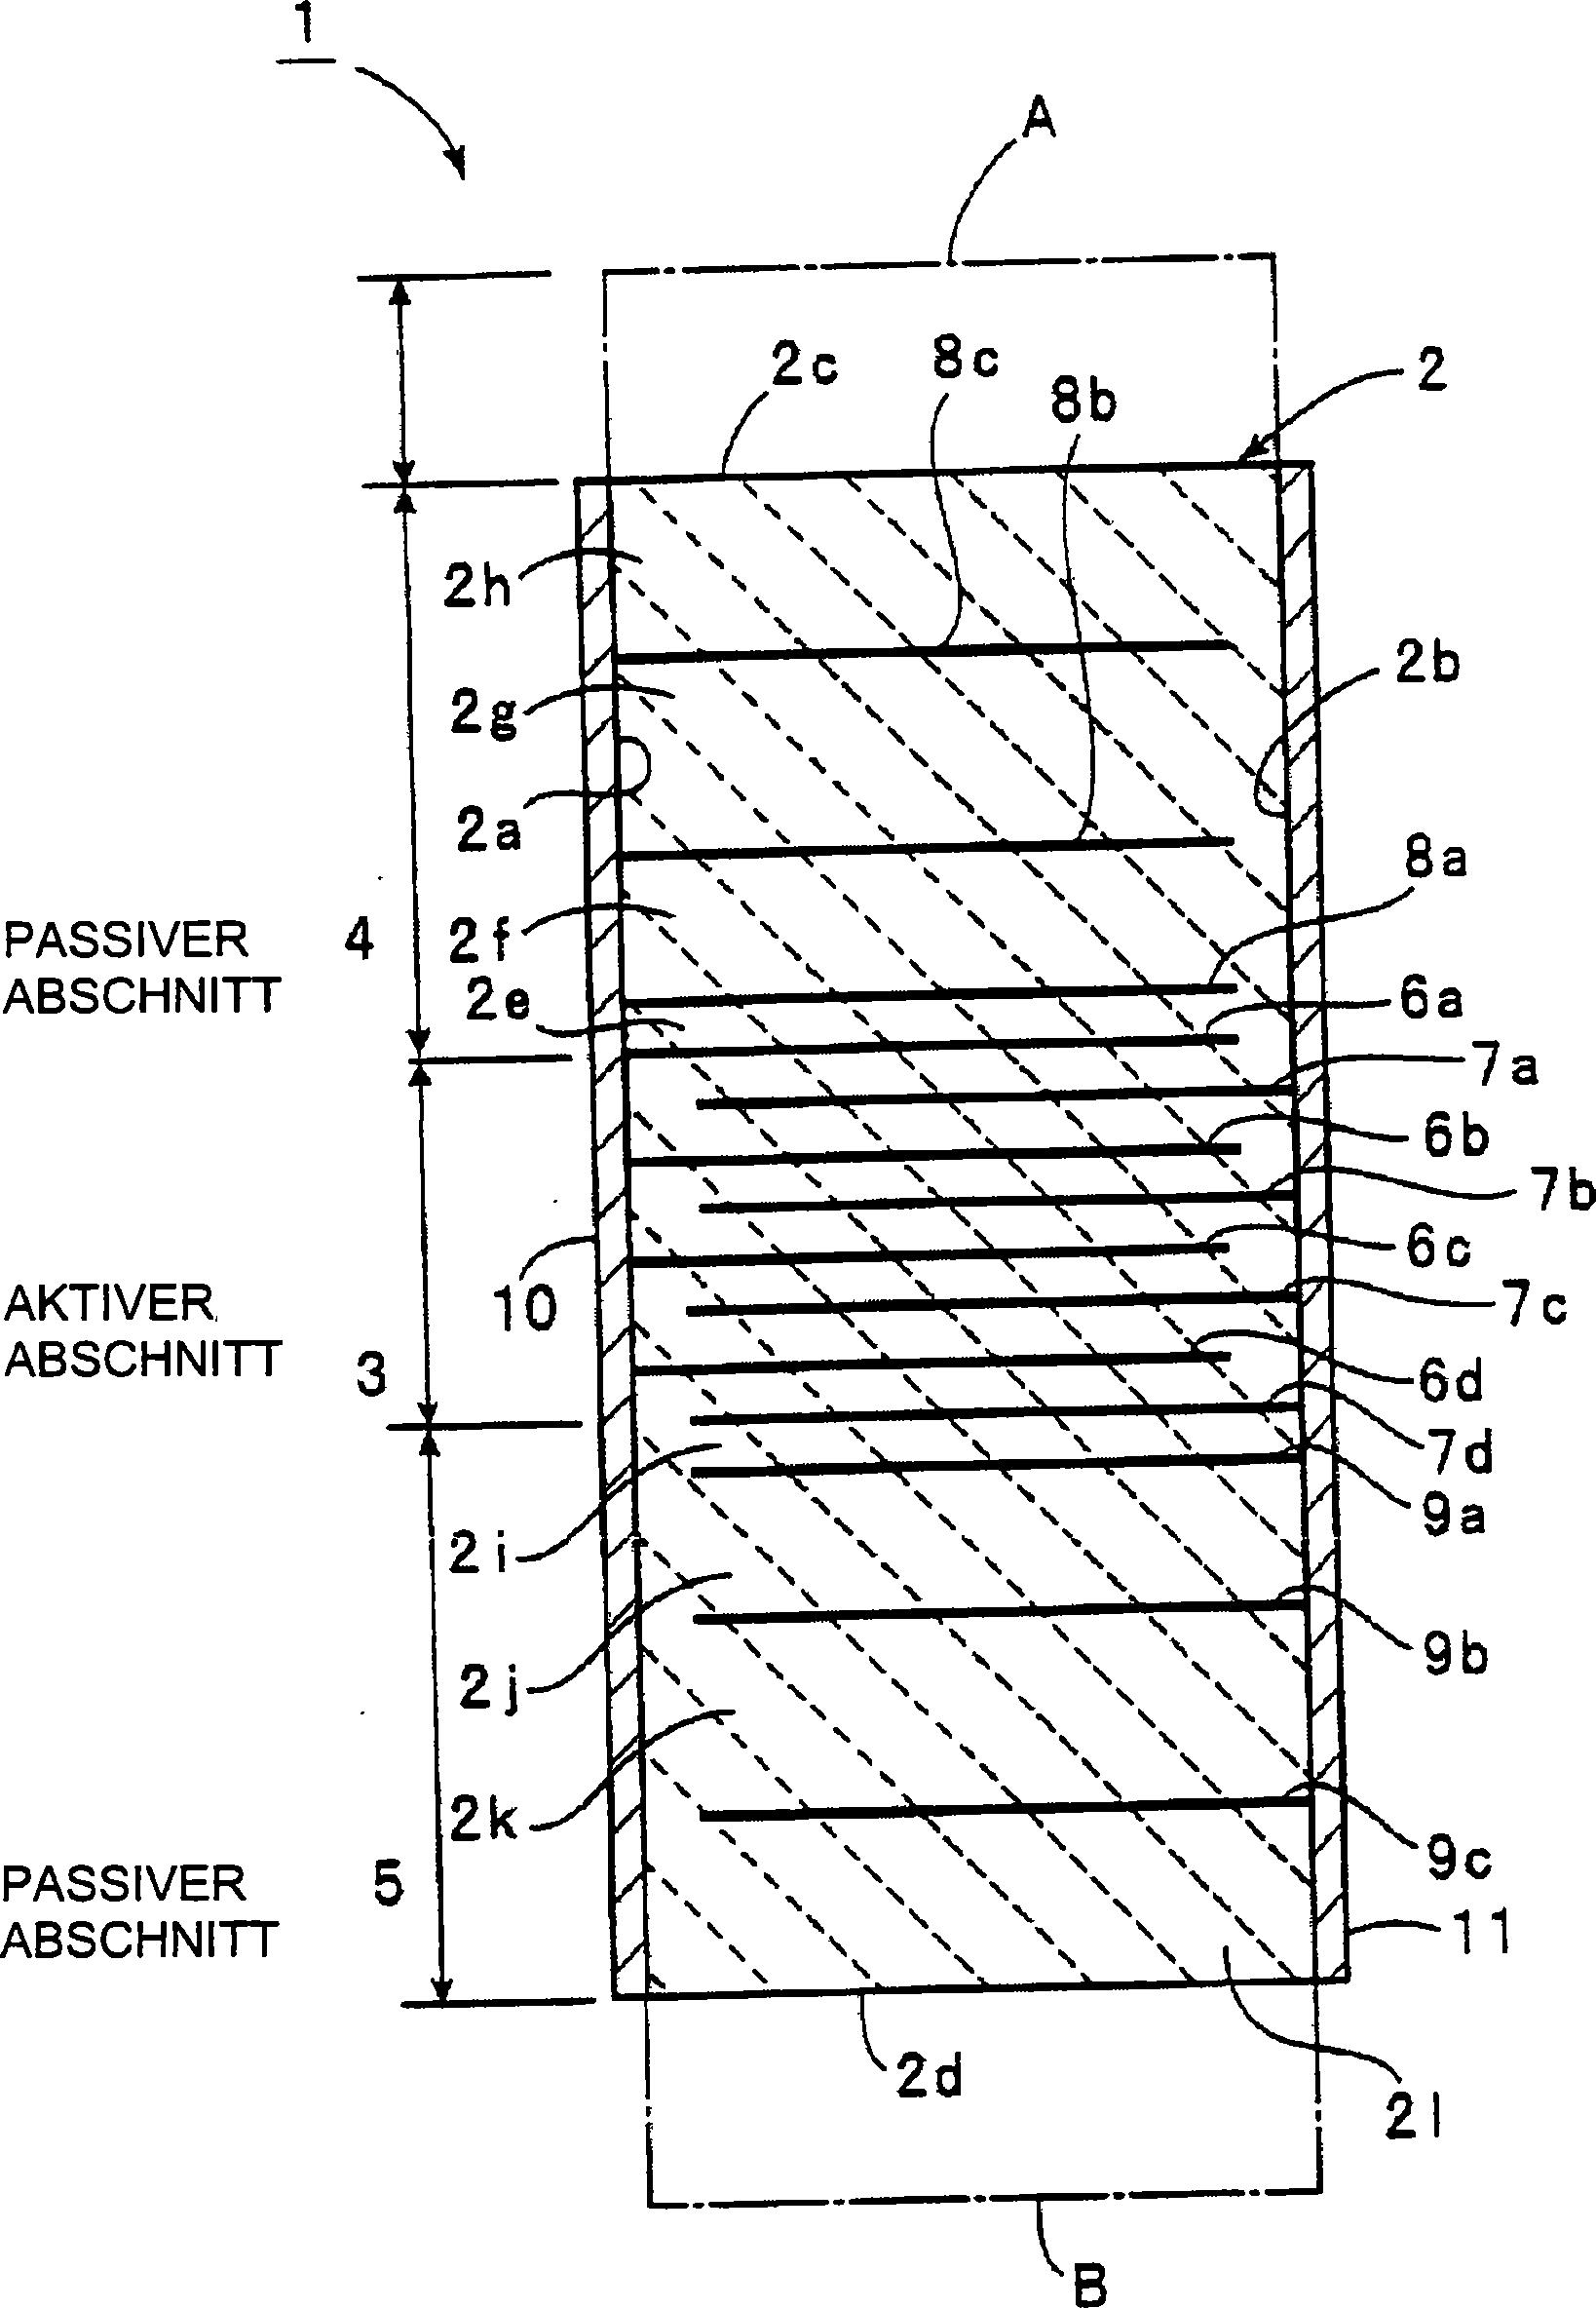 Figure DE112005001022B4_0001